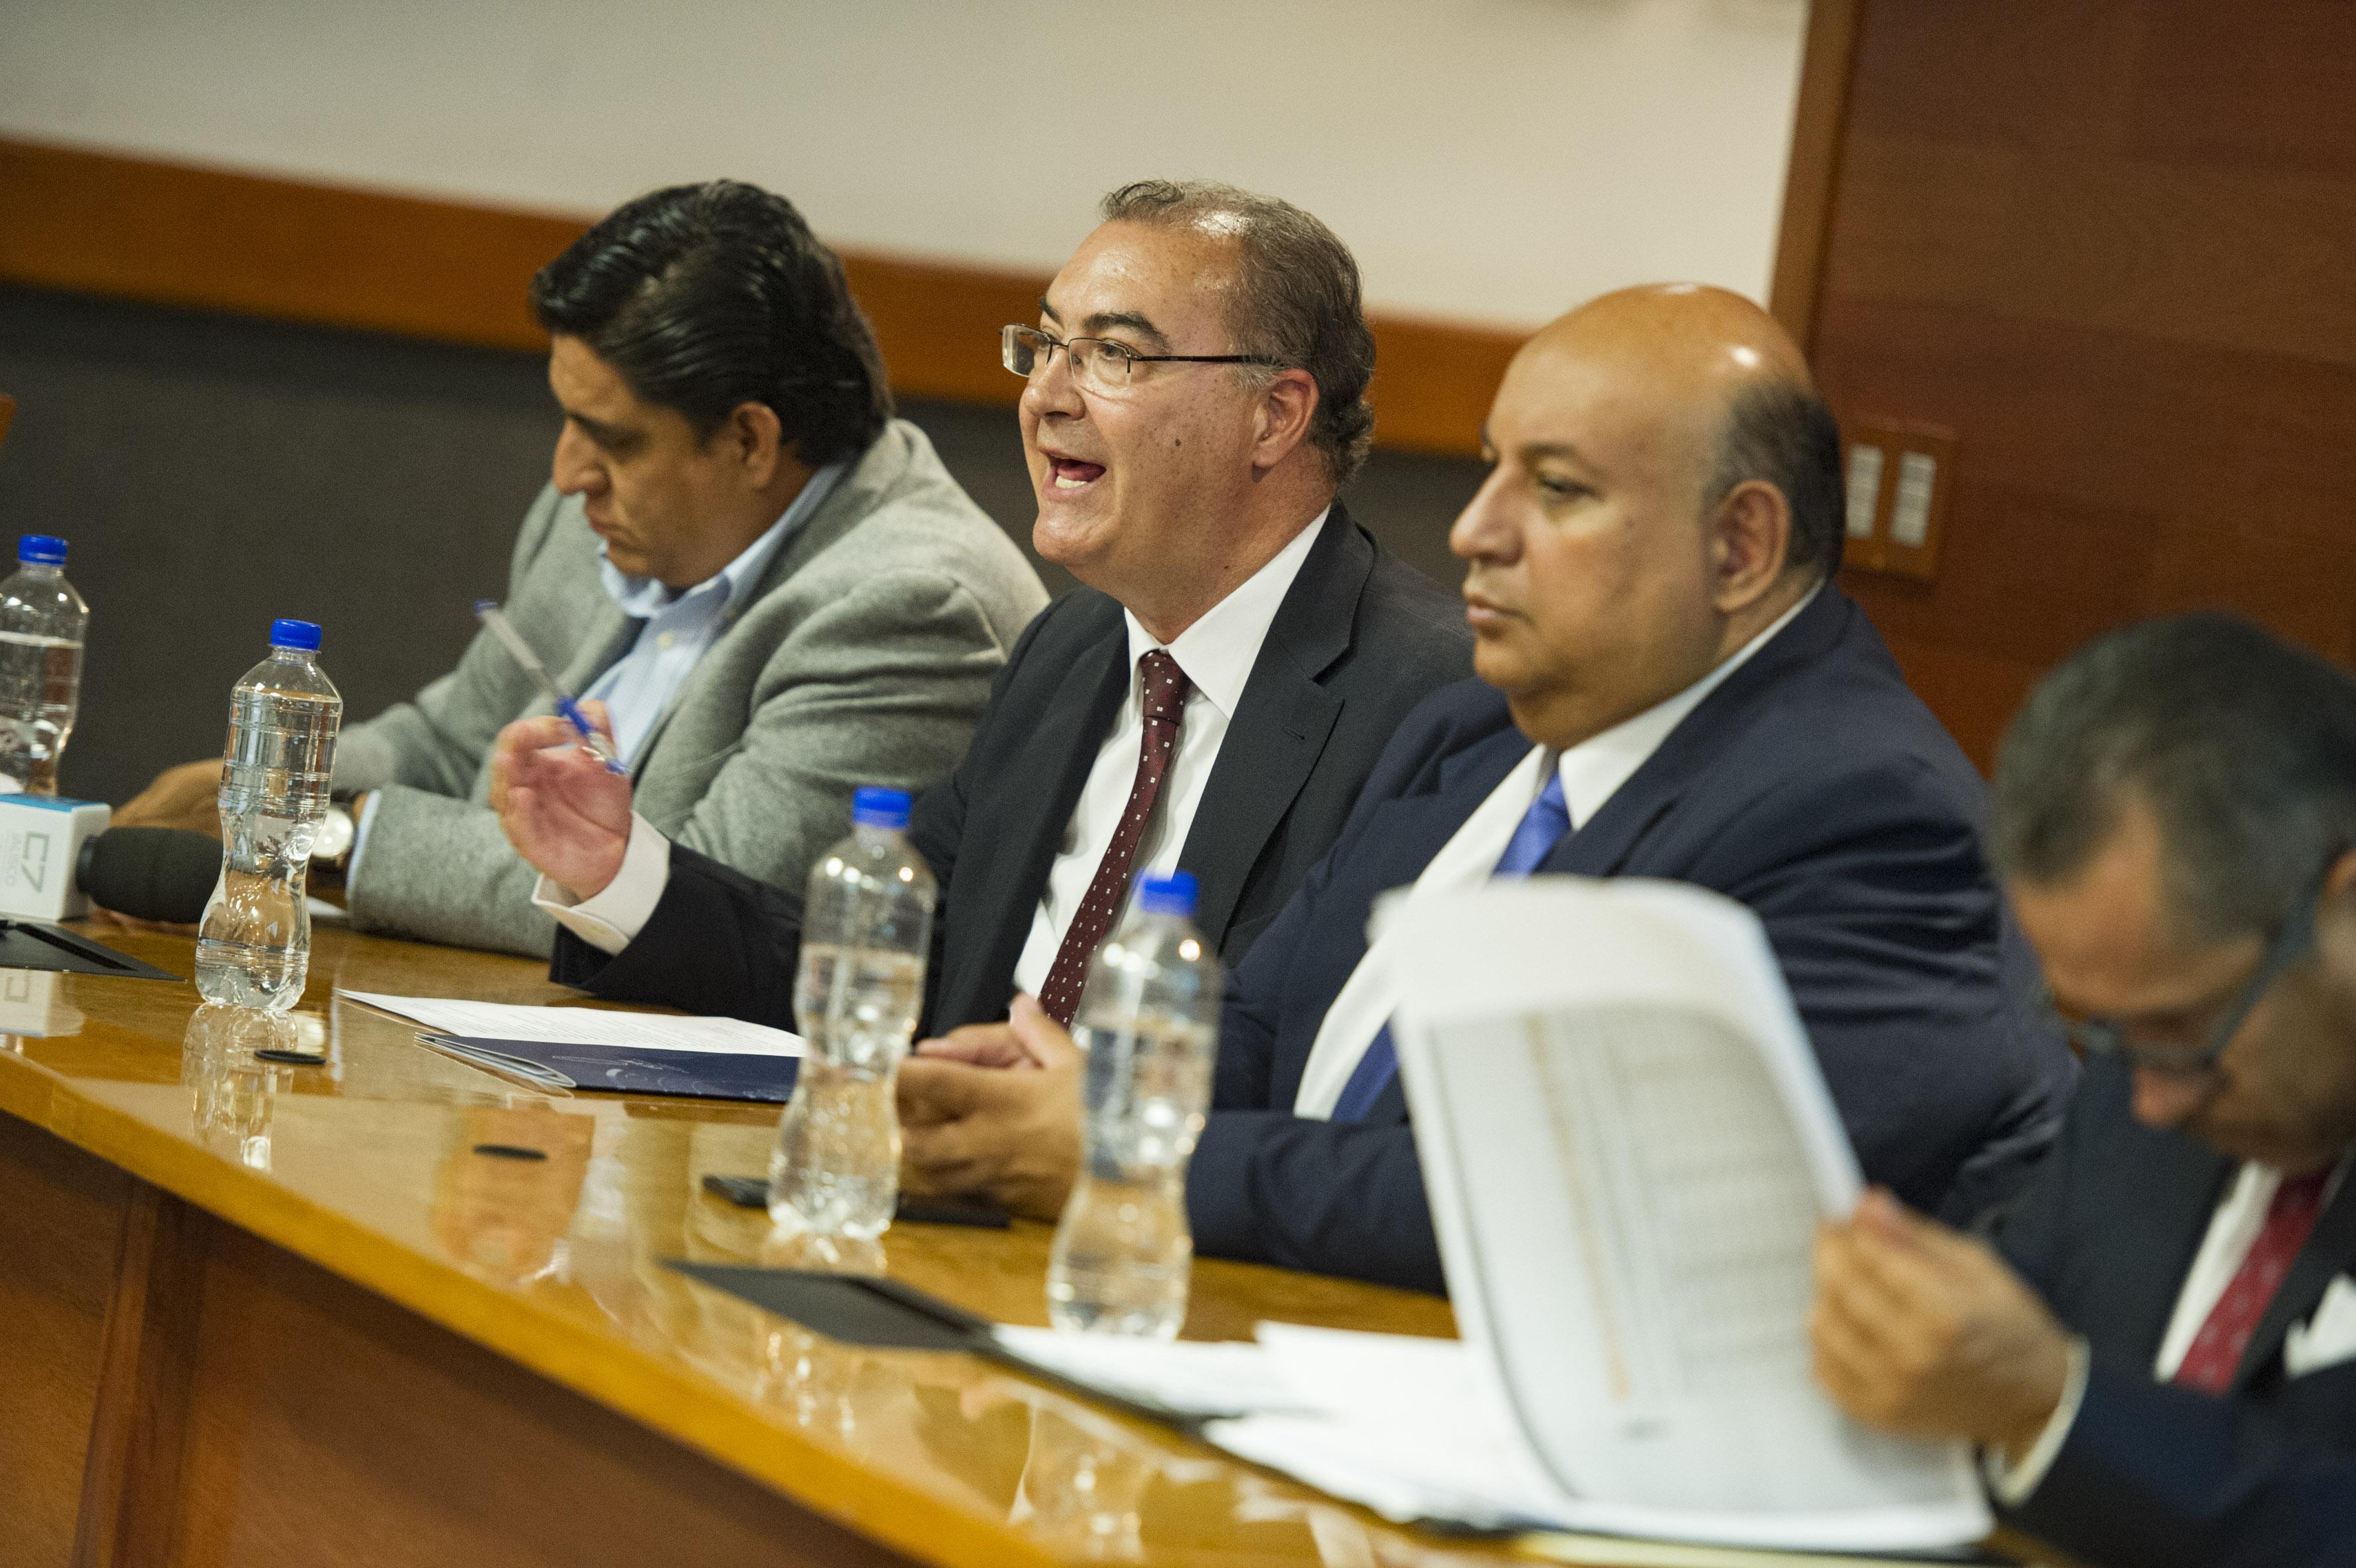 En el uso de la voz el ponente invitado Dr. Emilio García mercader de España